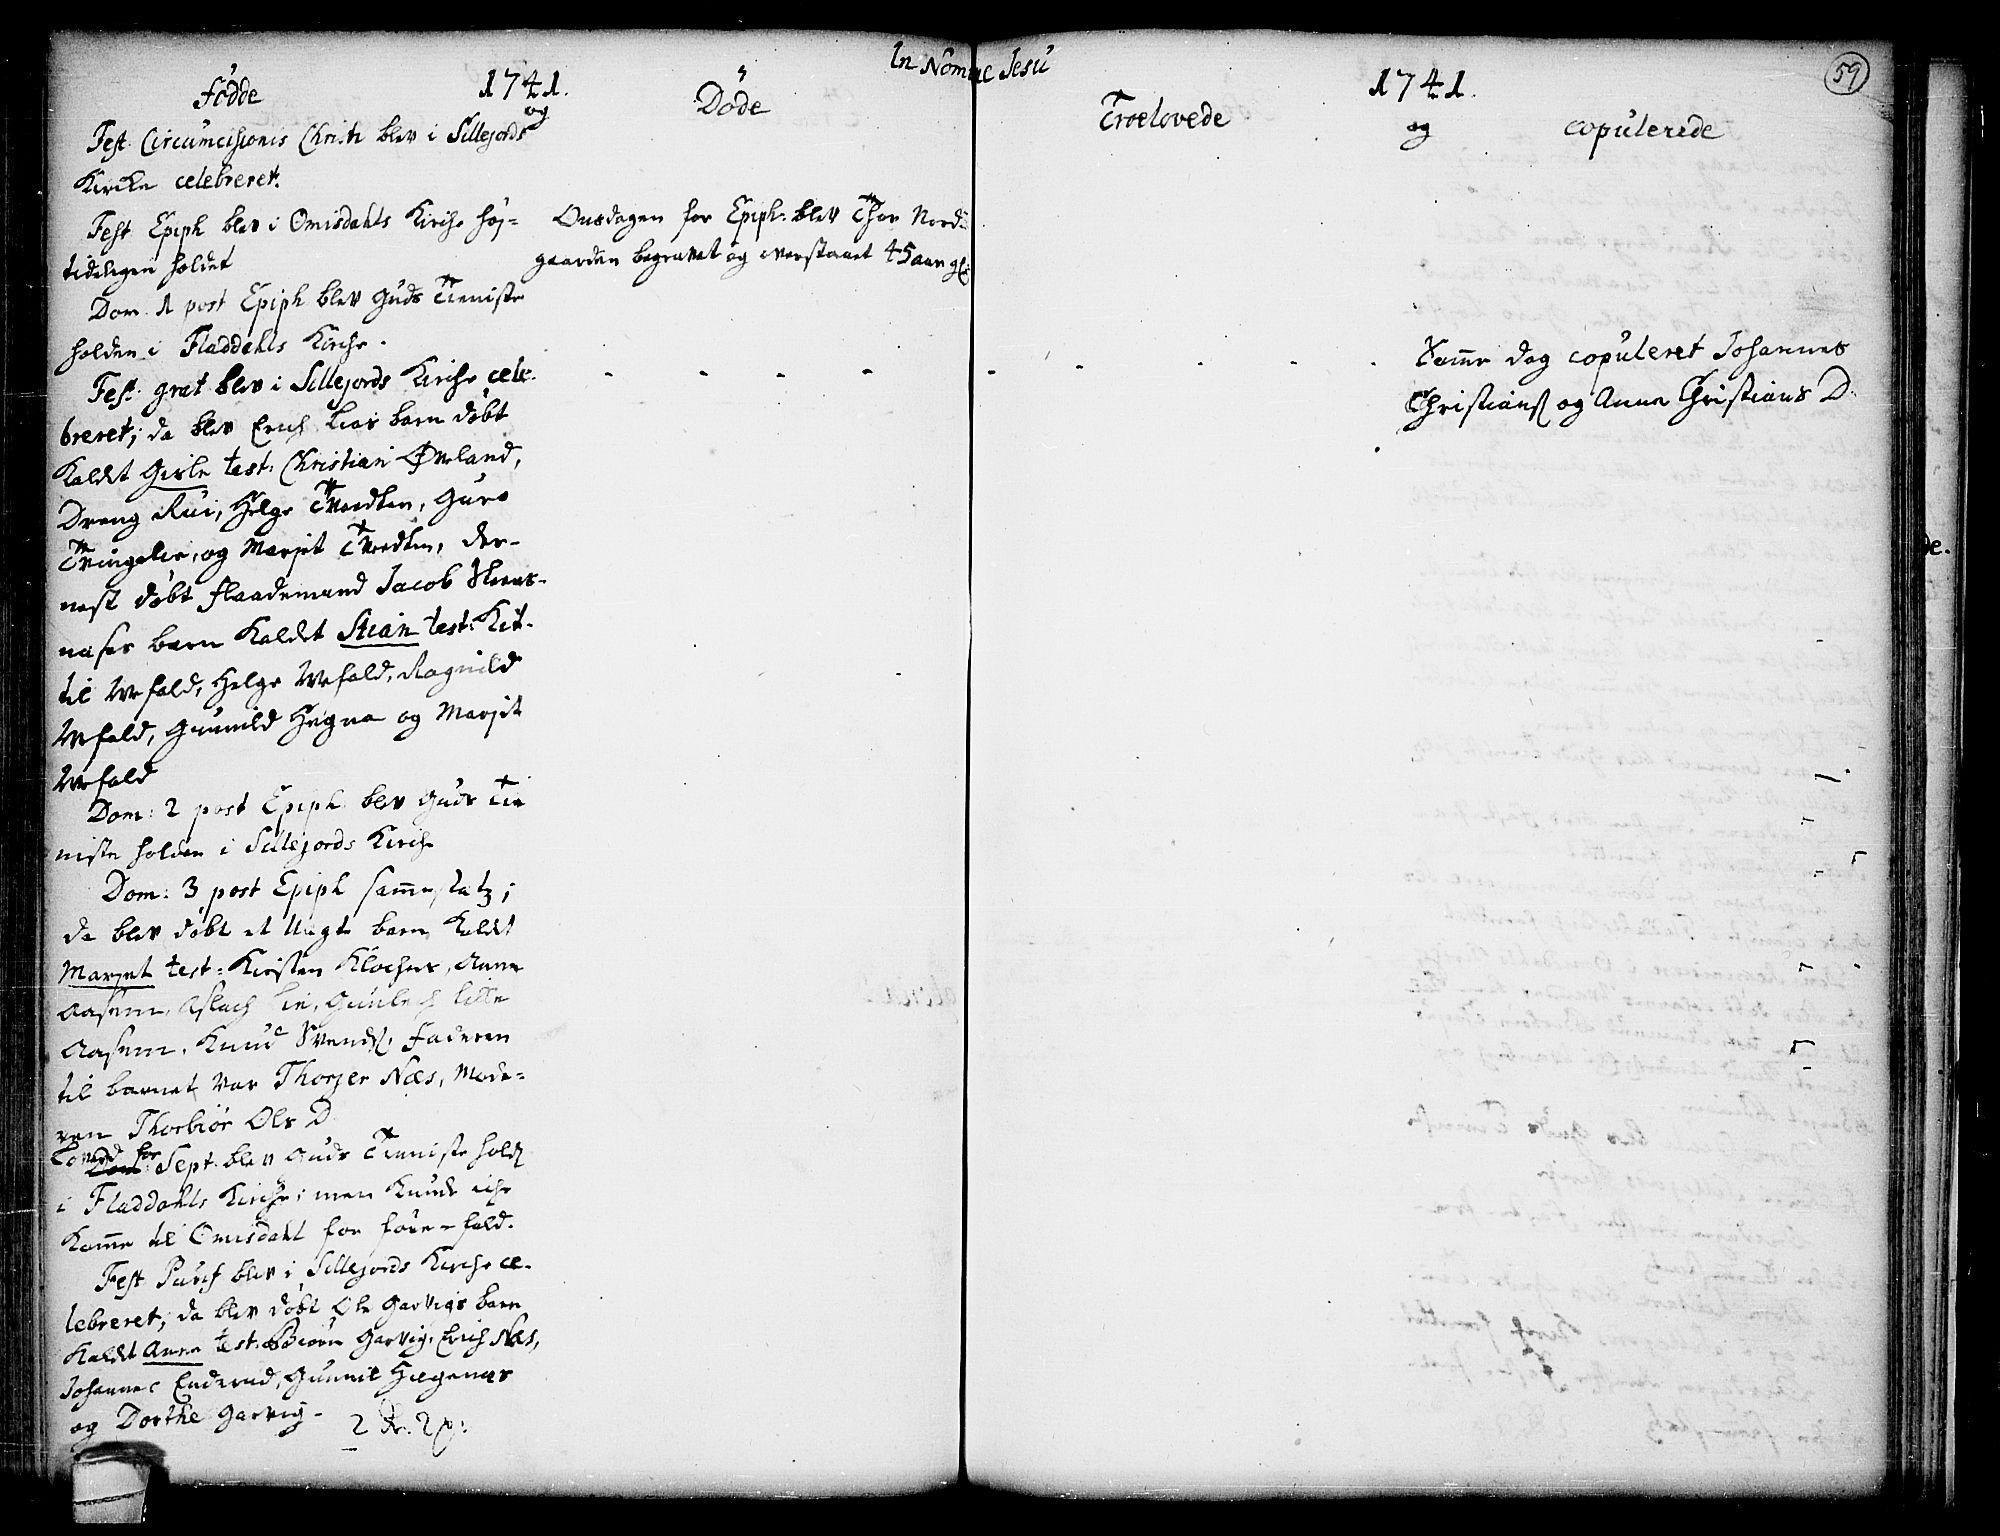 SAKO, Seljord kirkebøker, F/Fa/L0005: Ministerialbok nr. I 5, 1737-1743, s. 59